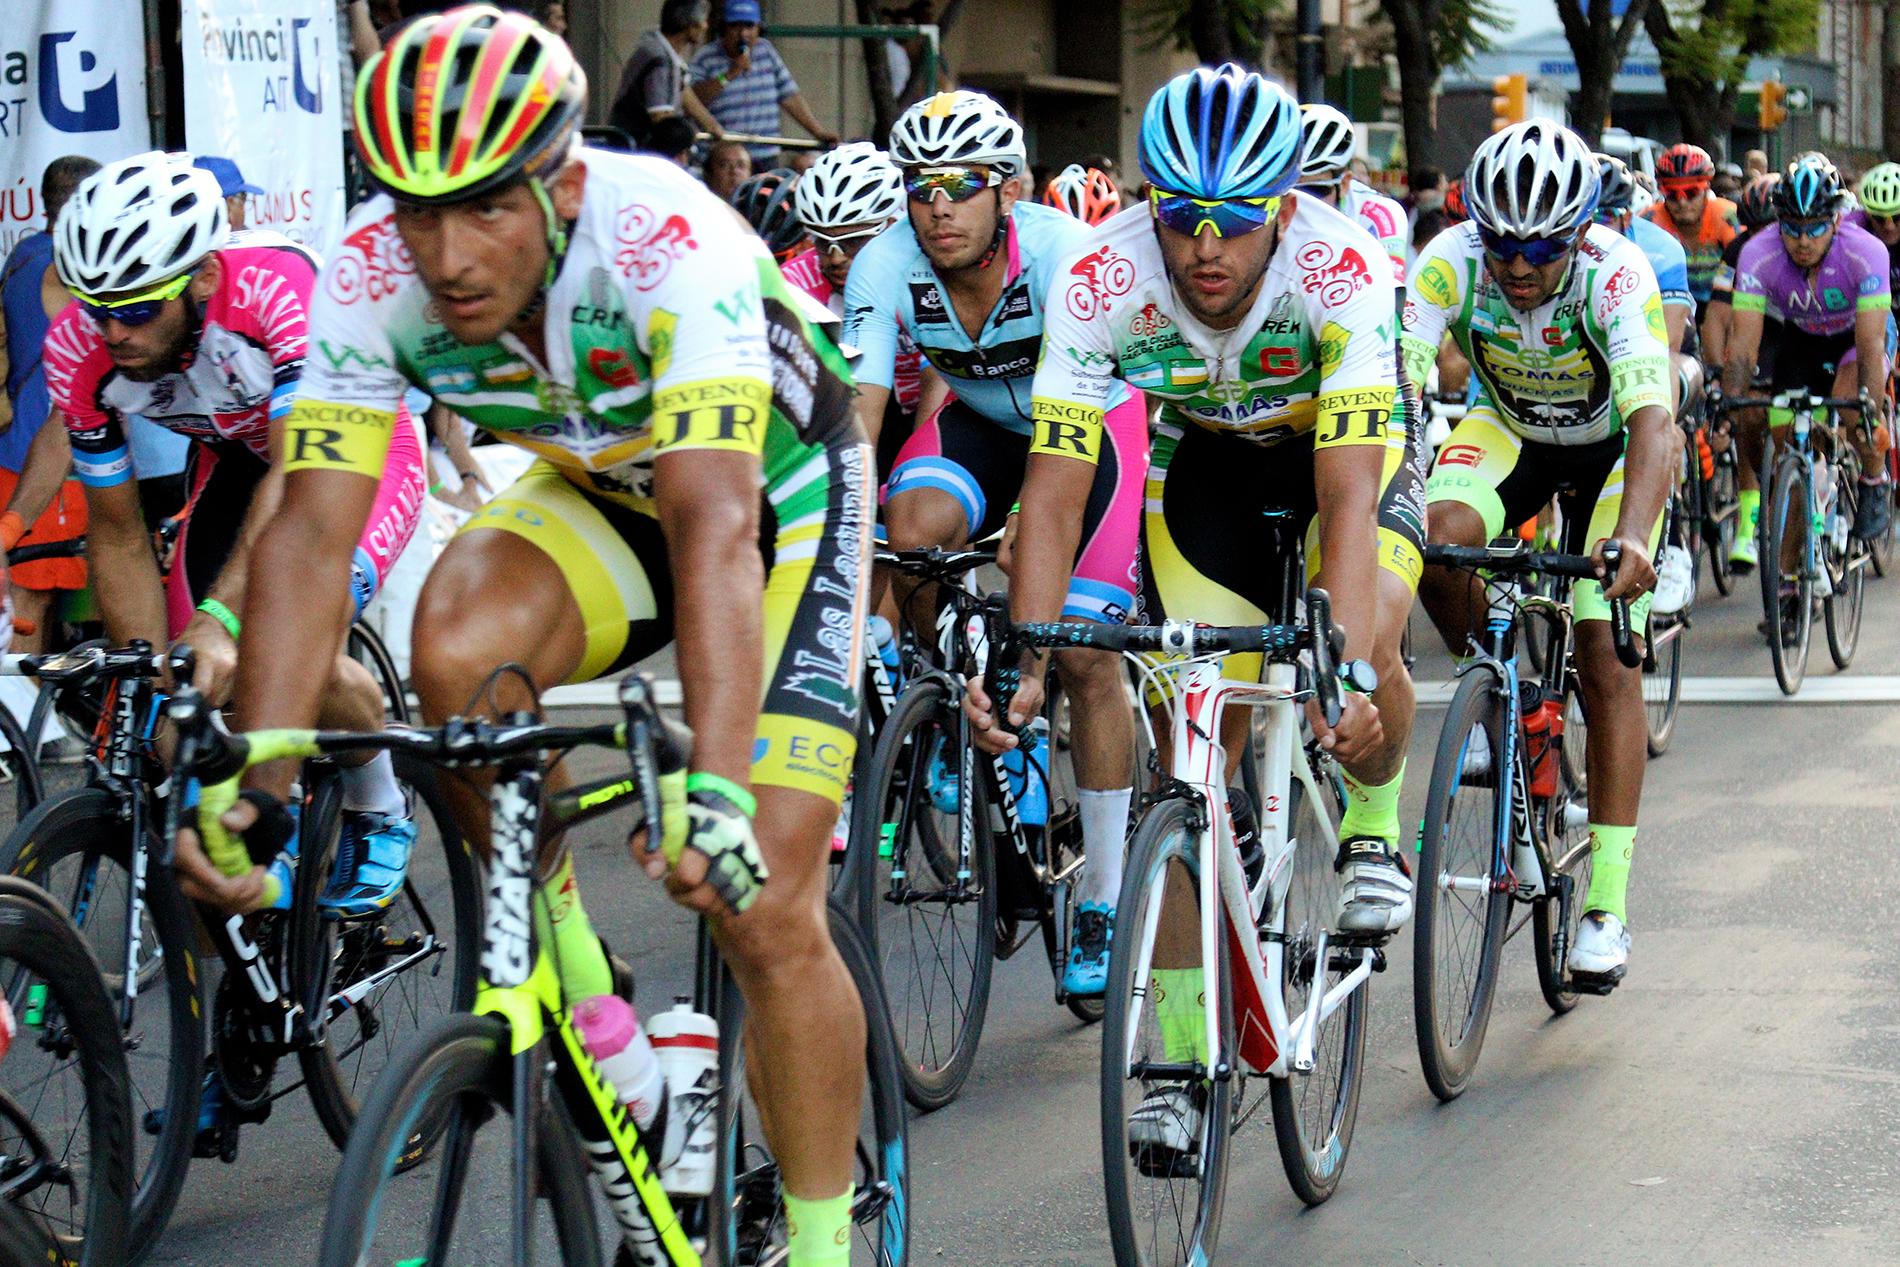 Más de 12 mil personas disfrutaron de la 83ª edición de la carrera ciclística Doble Bragado en Pergamino.  Tuvo lugar el martes 6 y miércoles 7 de febrero, y comprendió las 4 avenidas (Avenida de Mayo, Avenida Colón, Alsina y Rocha)